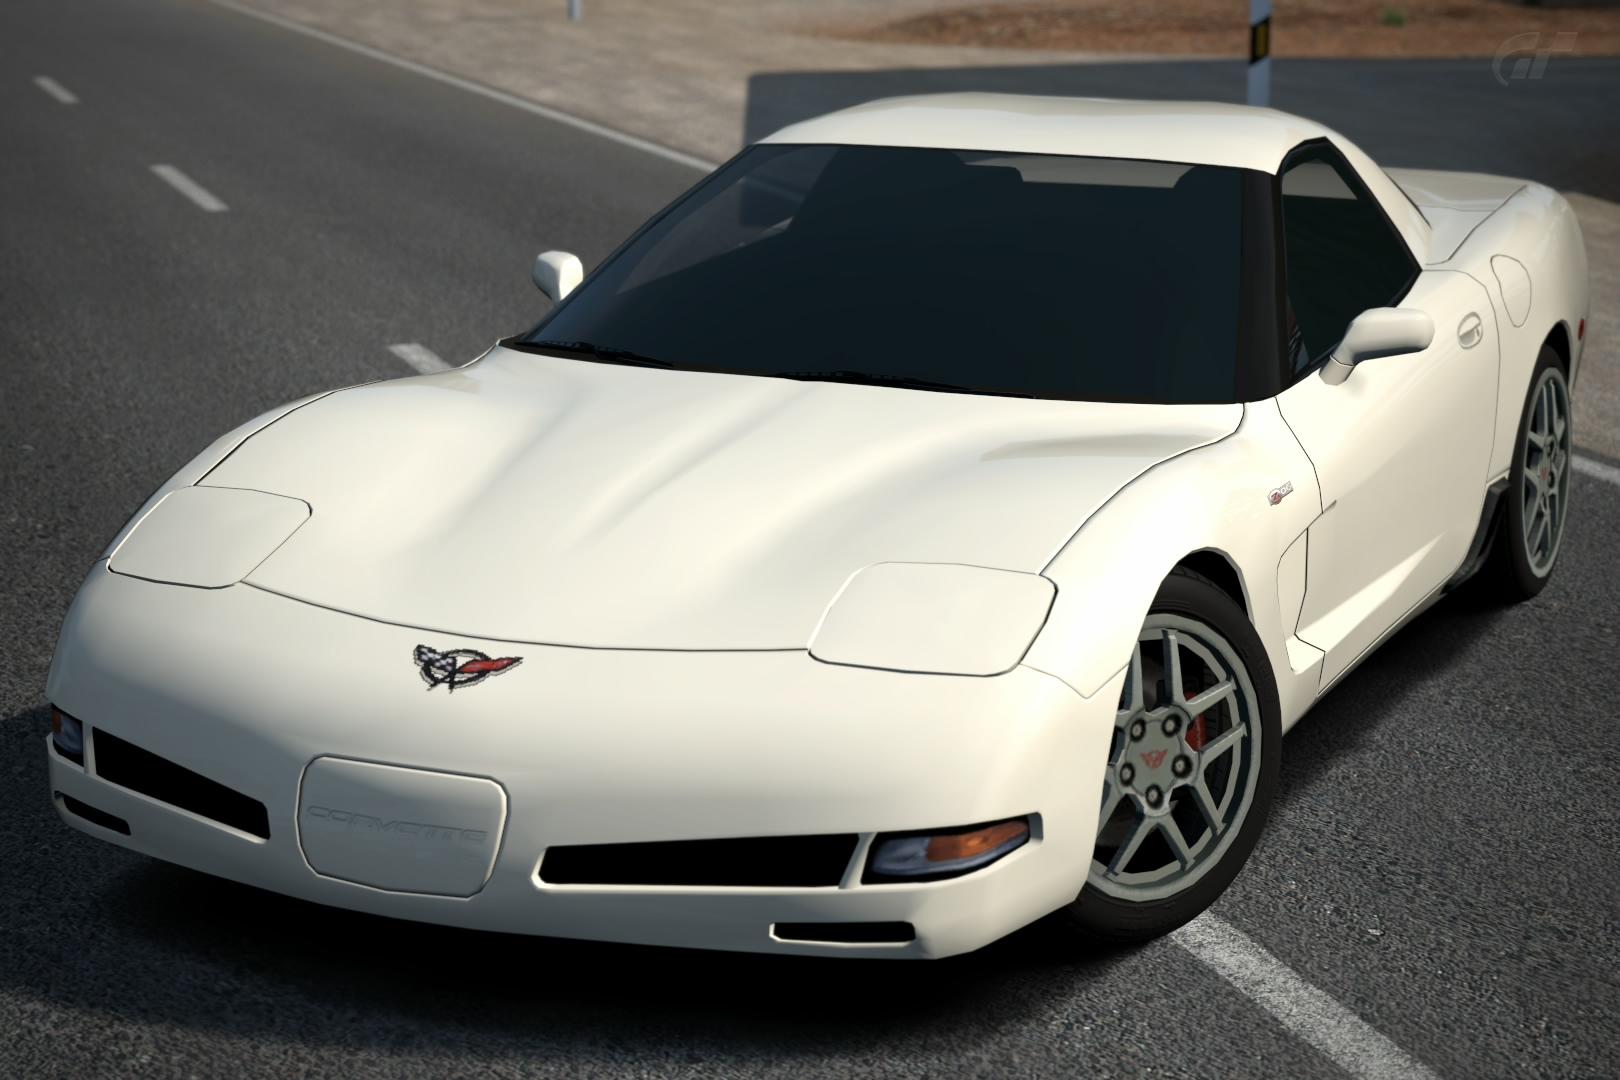 Kekurangan Corvette C5 Z06 Tangguh